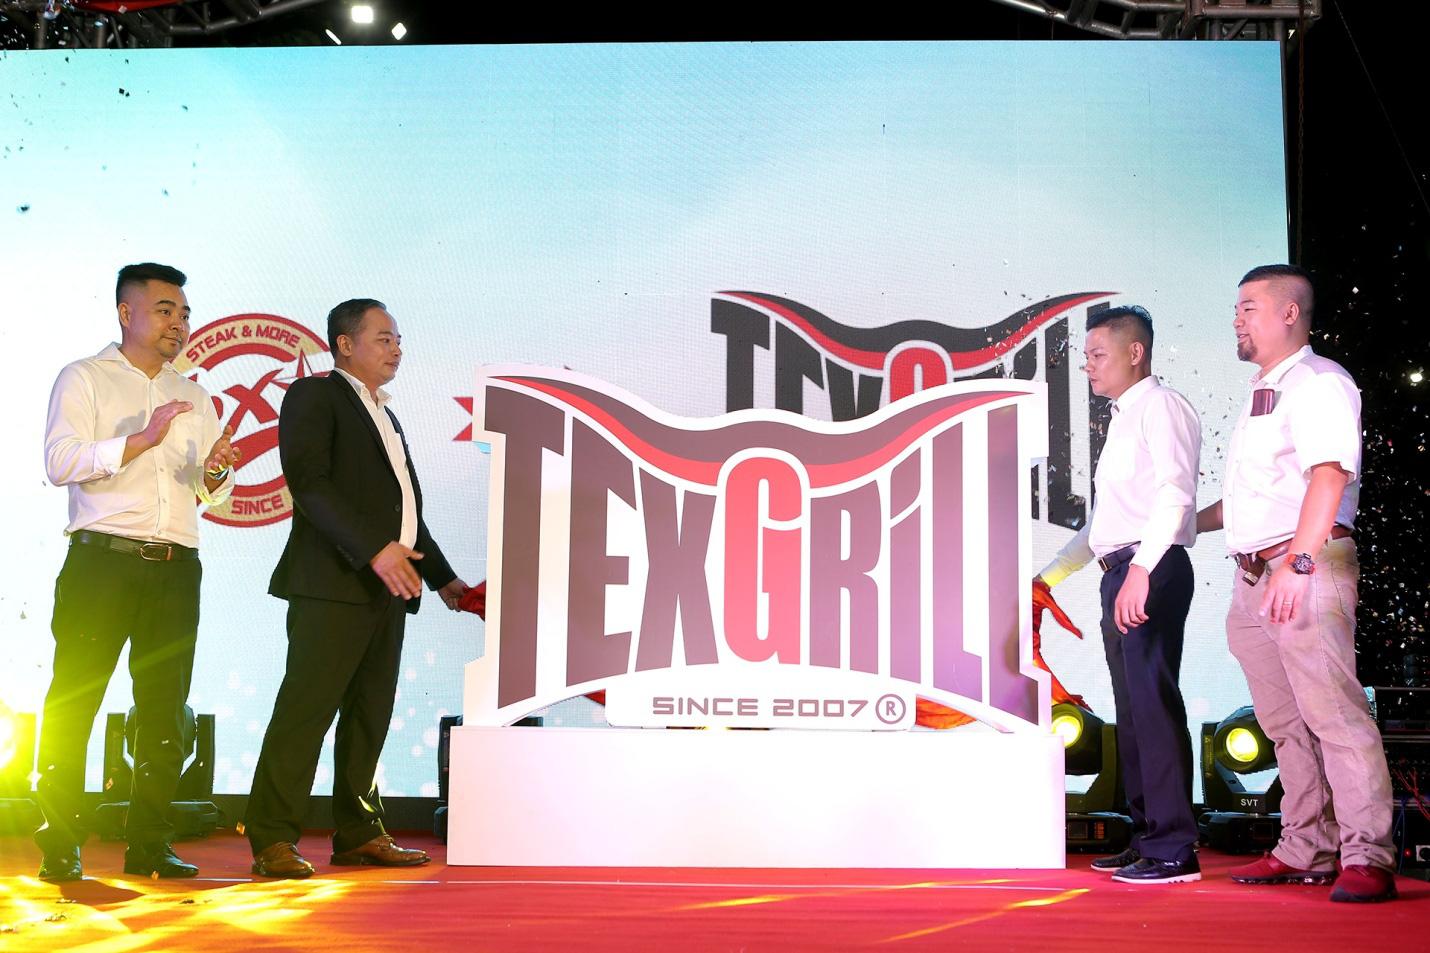 Texgrill và câu chuyện xây dựng thương hiệu nhà hàng Âu - Mỹ hàng đầu tại Hải Phòng - Ảnh 1.